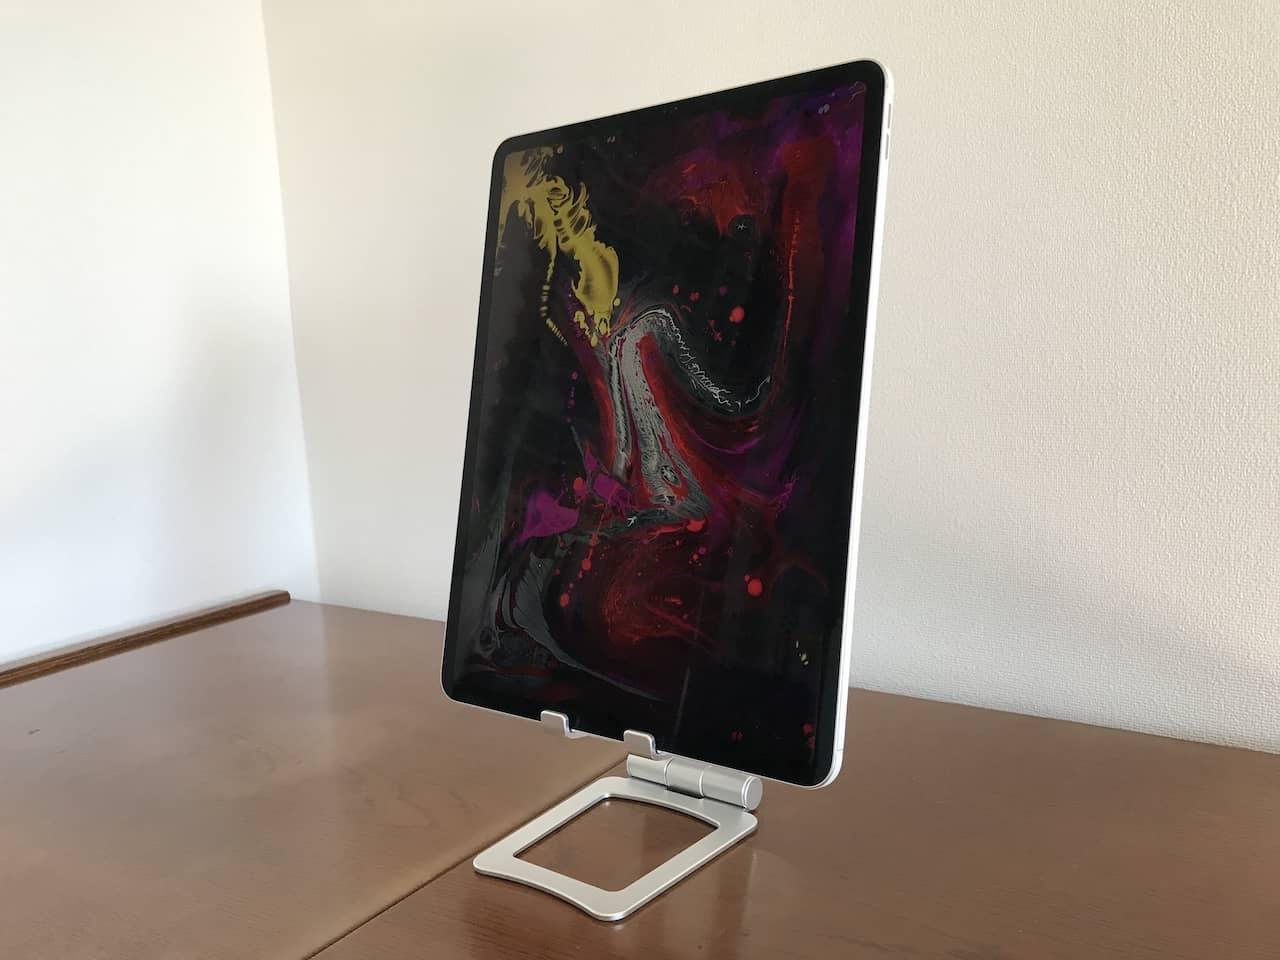 幾何学模様の画像を表示した縦置きのiPadをスタンドのうえにのせています。